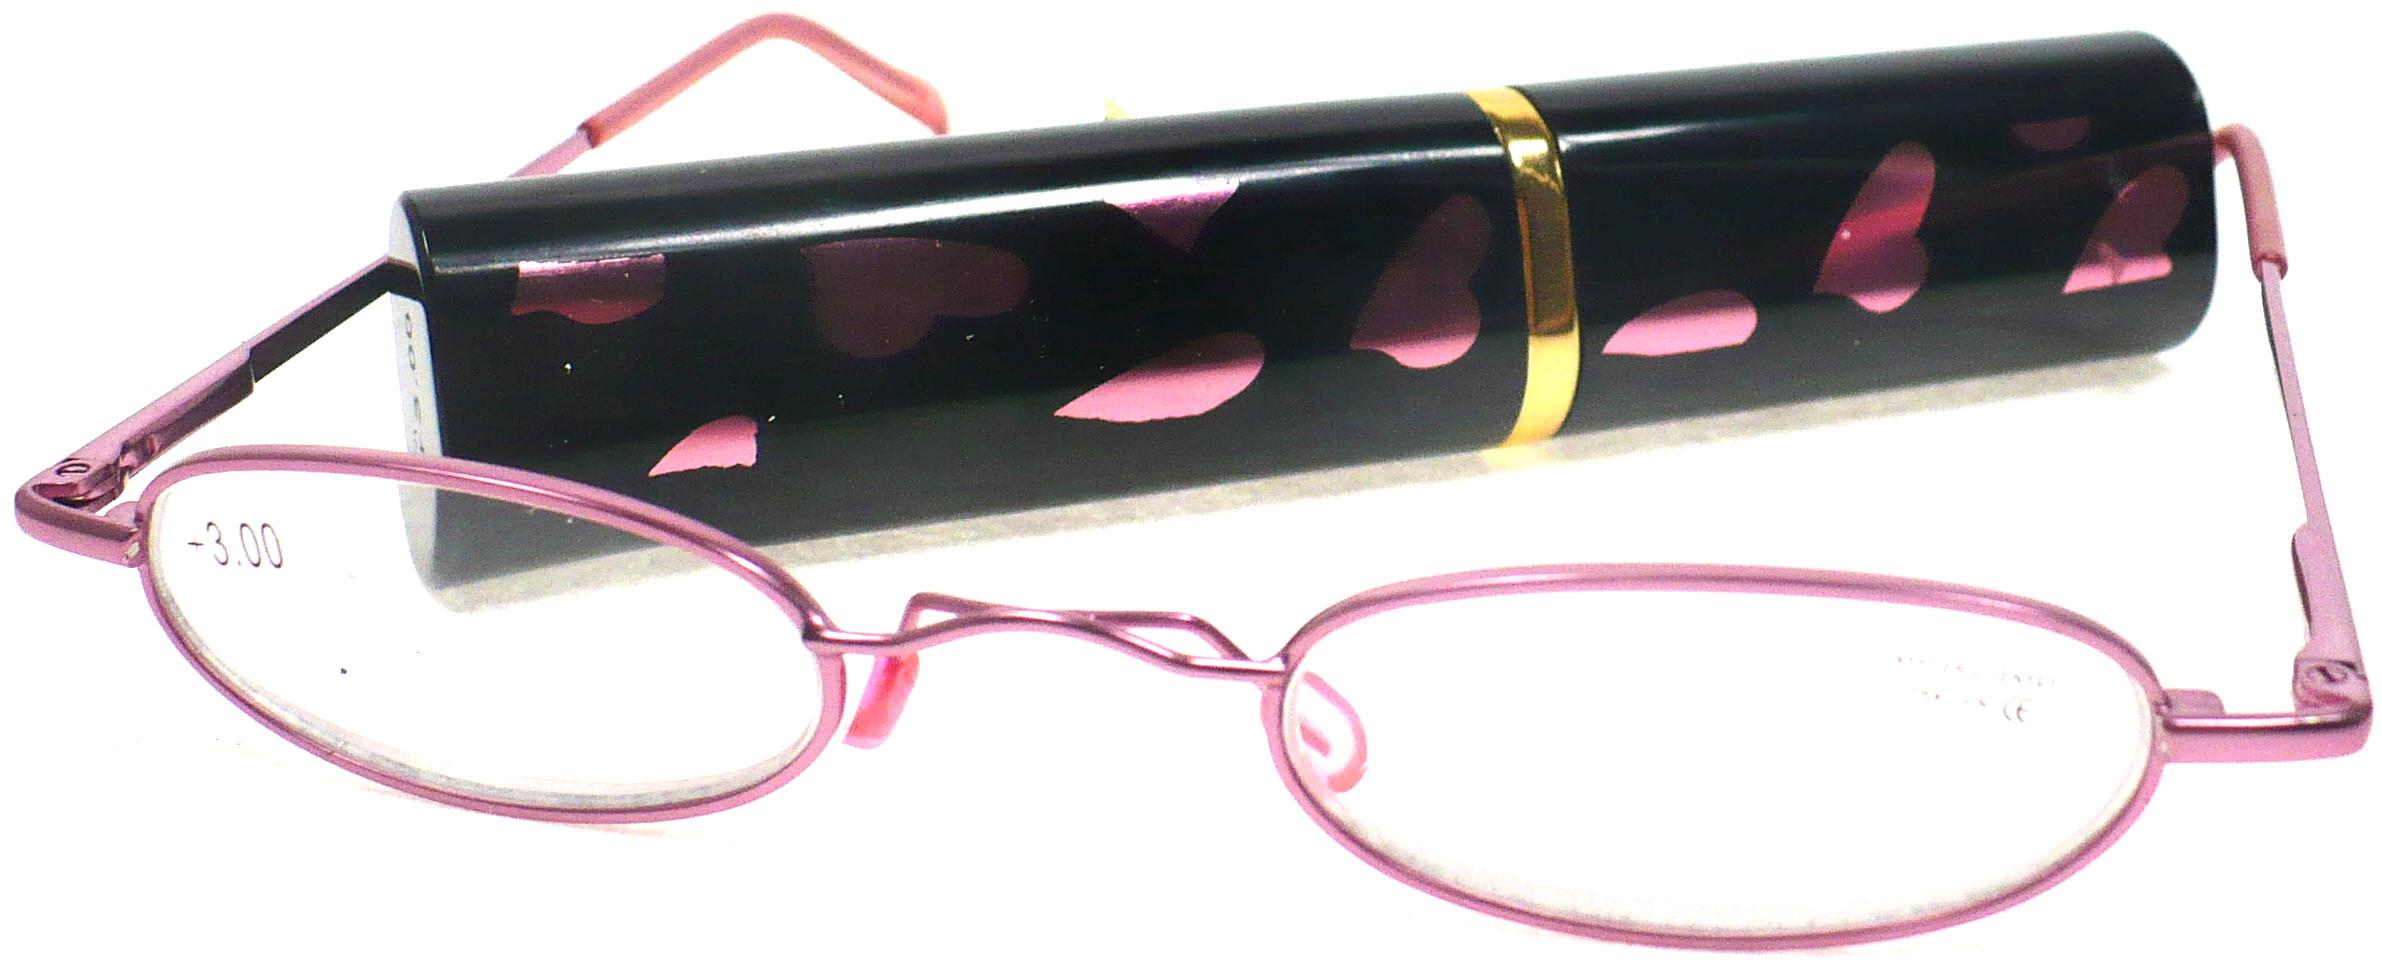 Berkeley Cleopatra čtecí dioptrické brýle +3,0 růžové v pouzdru srdíčka 1 kus M160